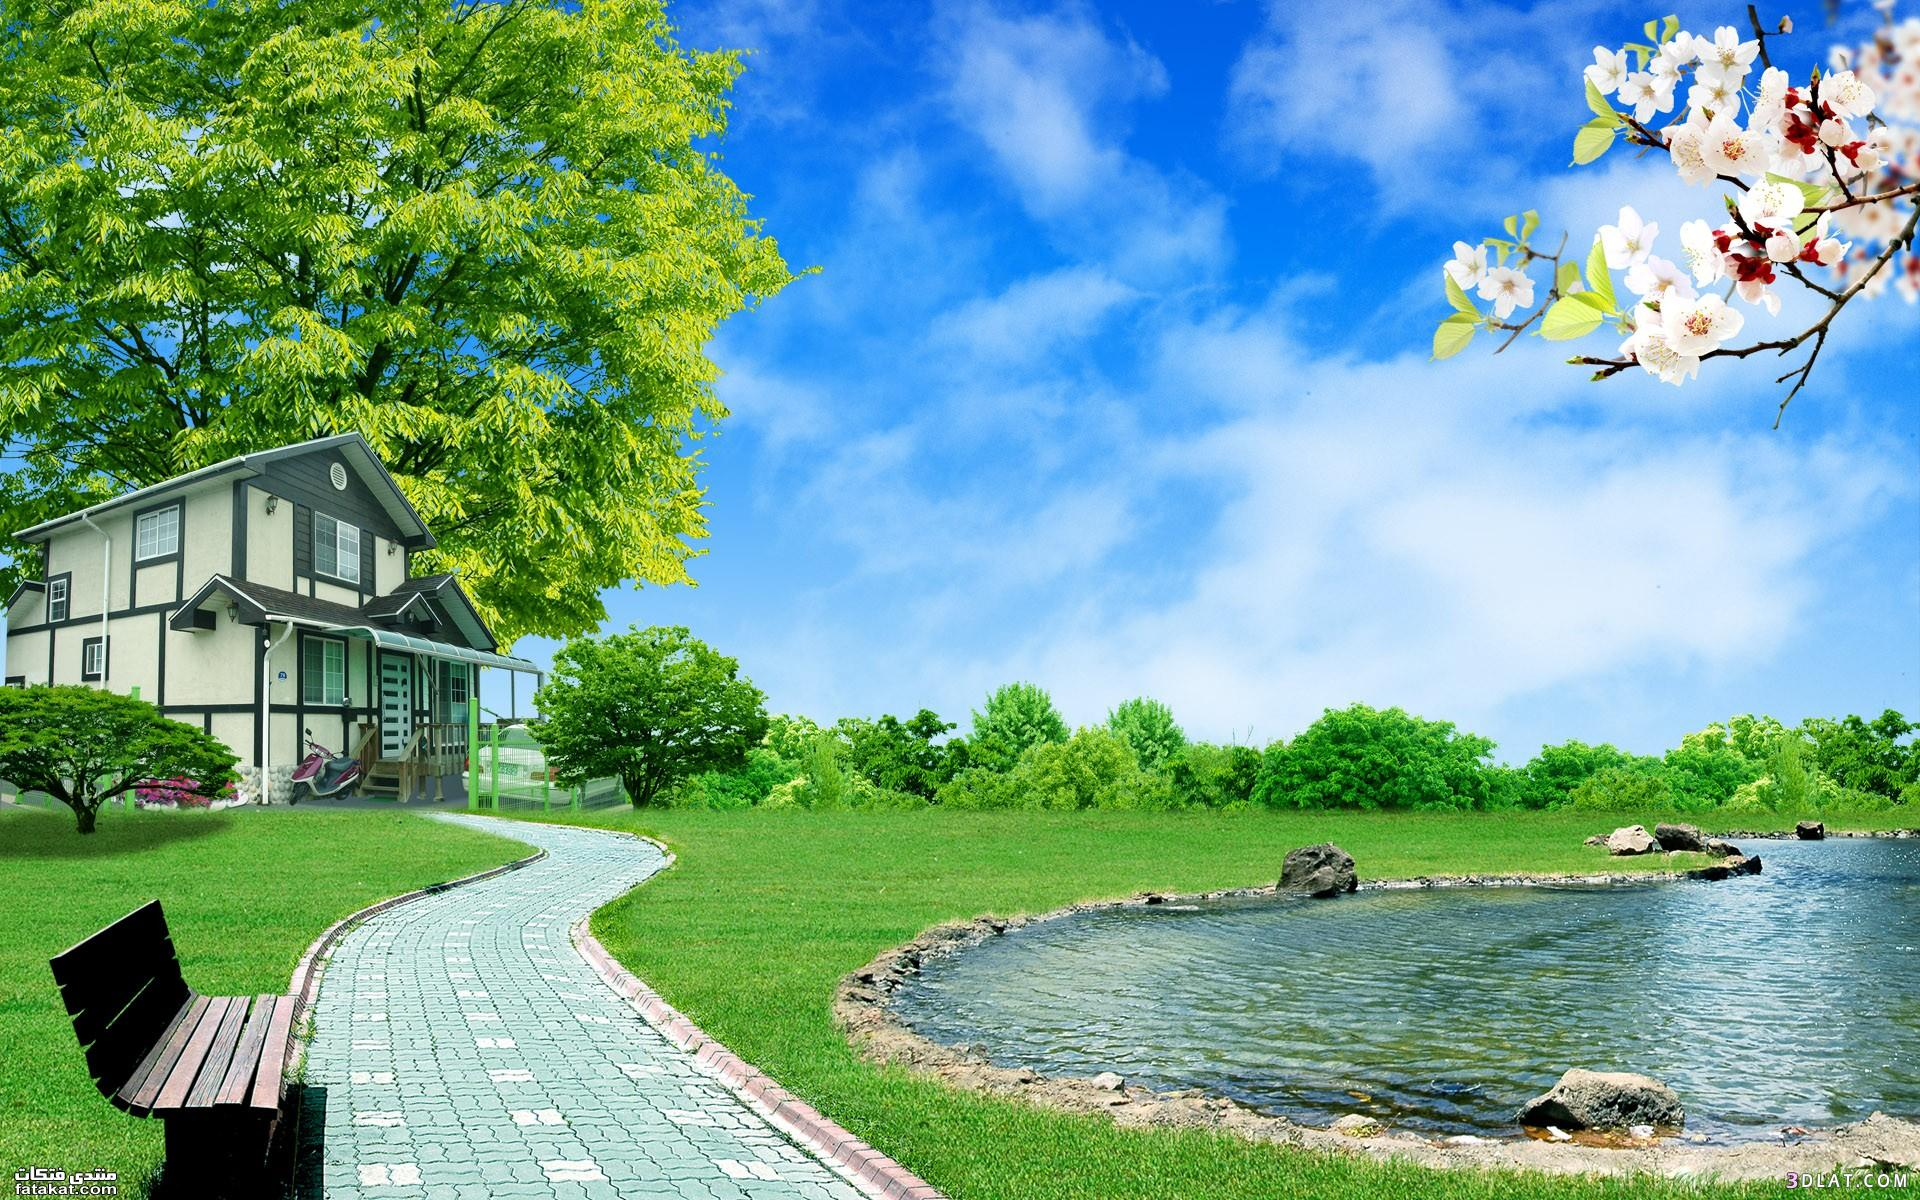 بالصور خلفيات طبيعة , اجمل الخلفيات الطبيعية الخلابة 2927 3